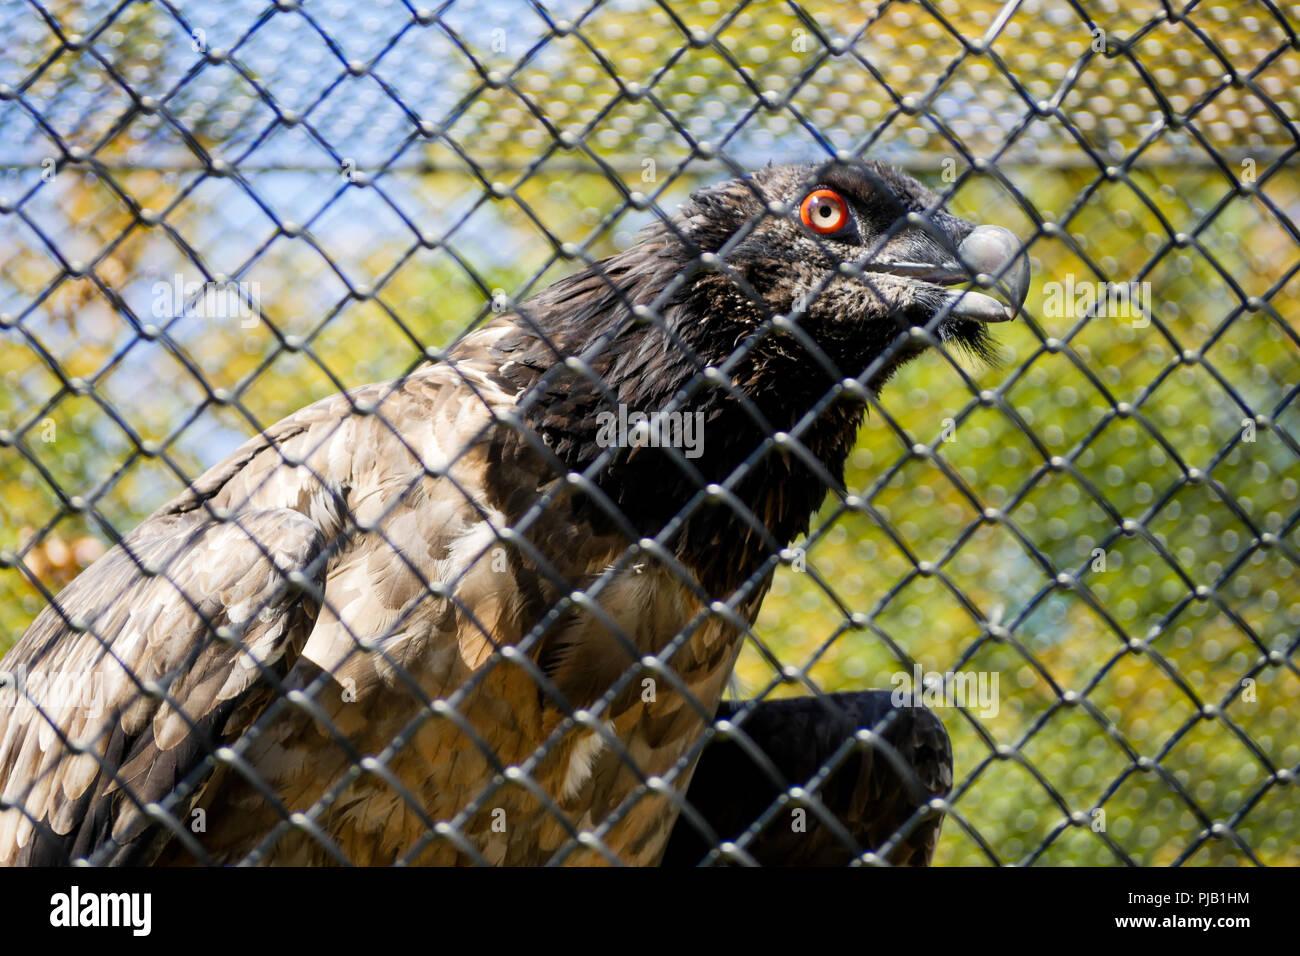 Piégé Gypaète, Parc des Oiseaux, Villars les Dombes, France Photo Stock